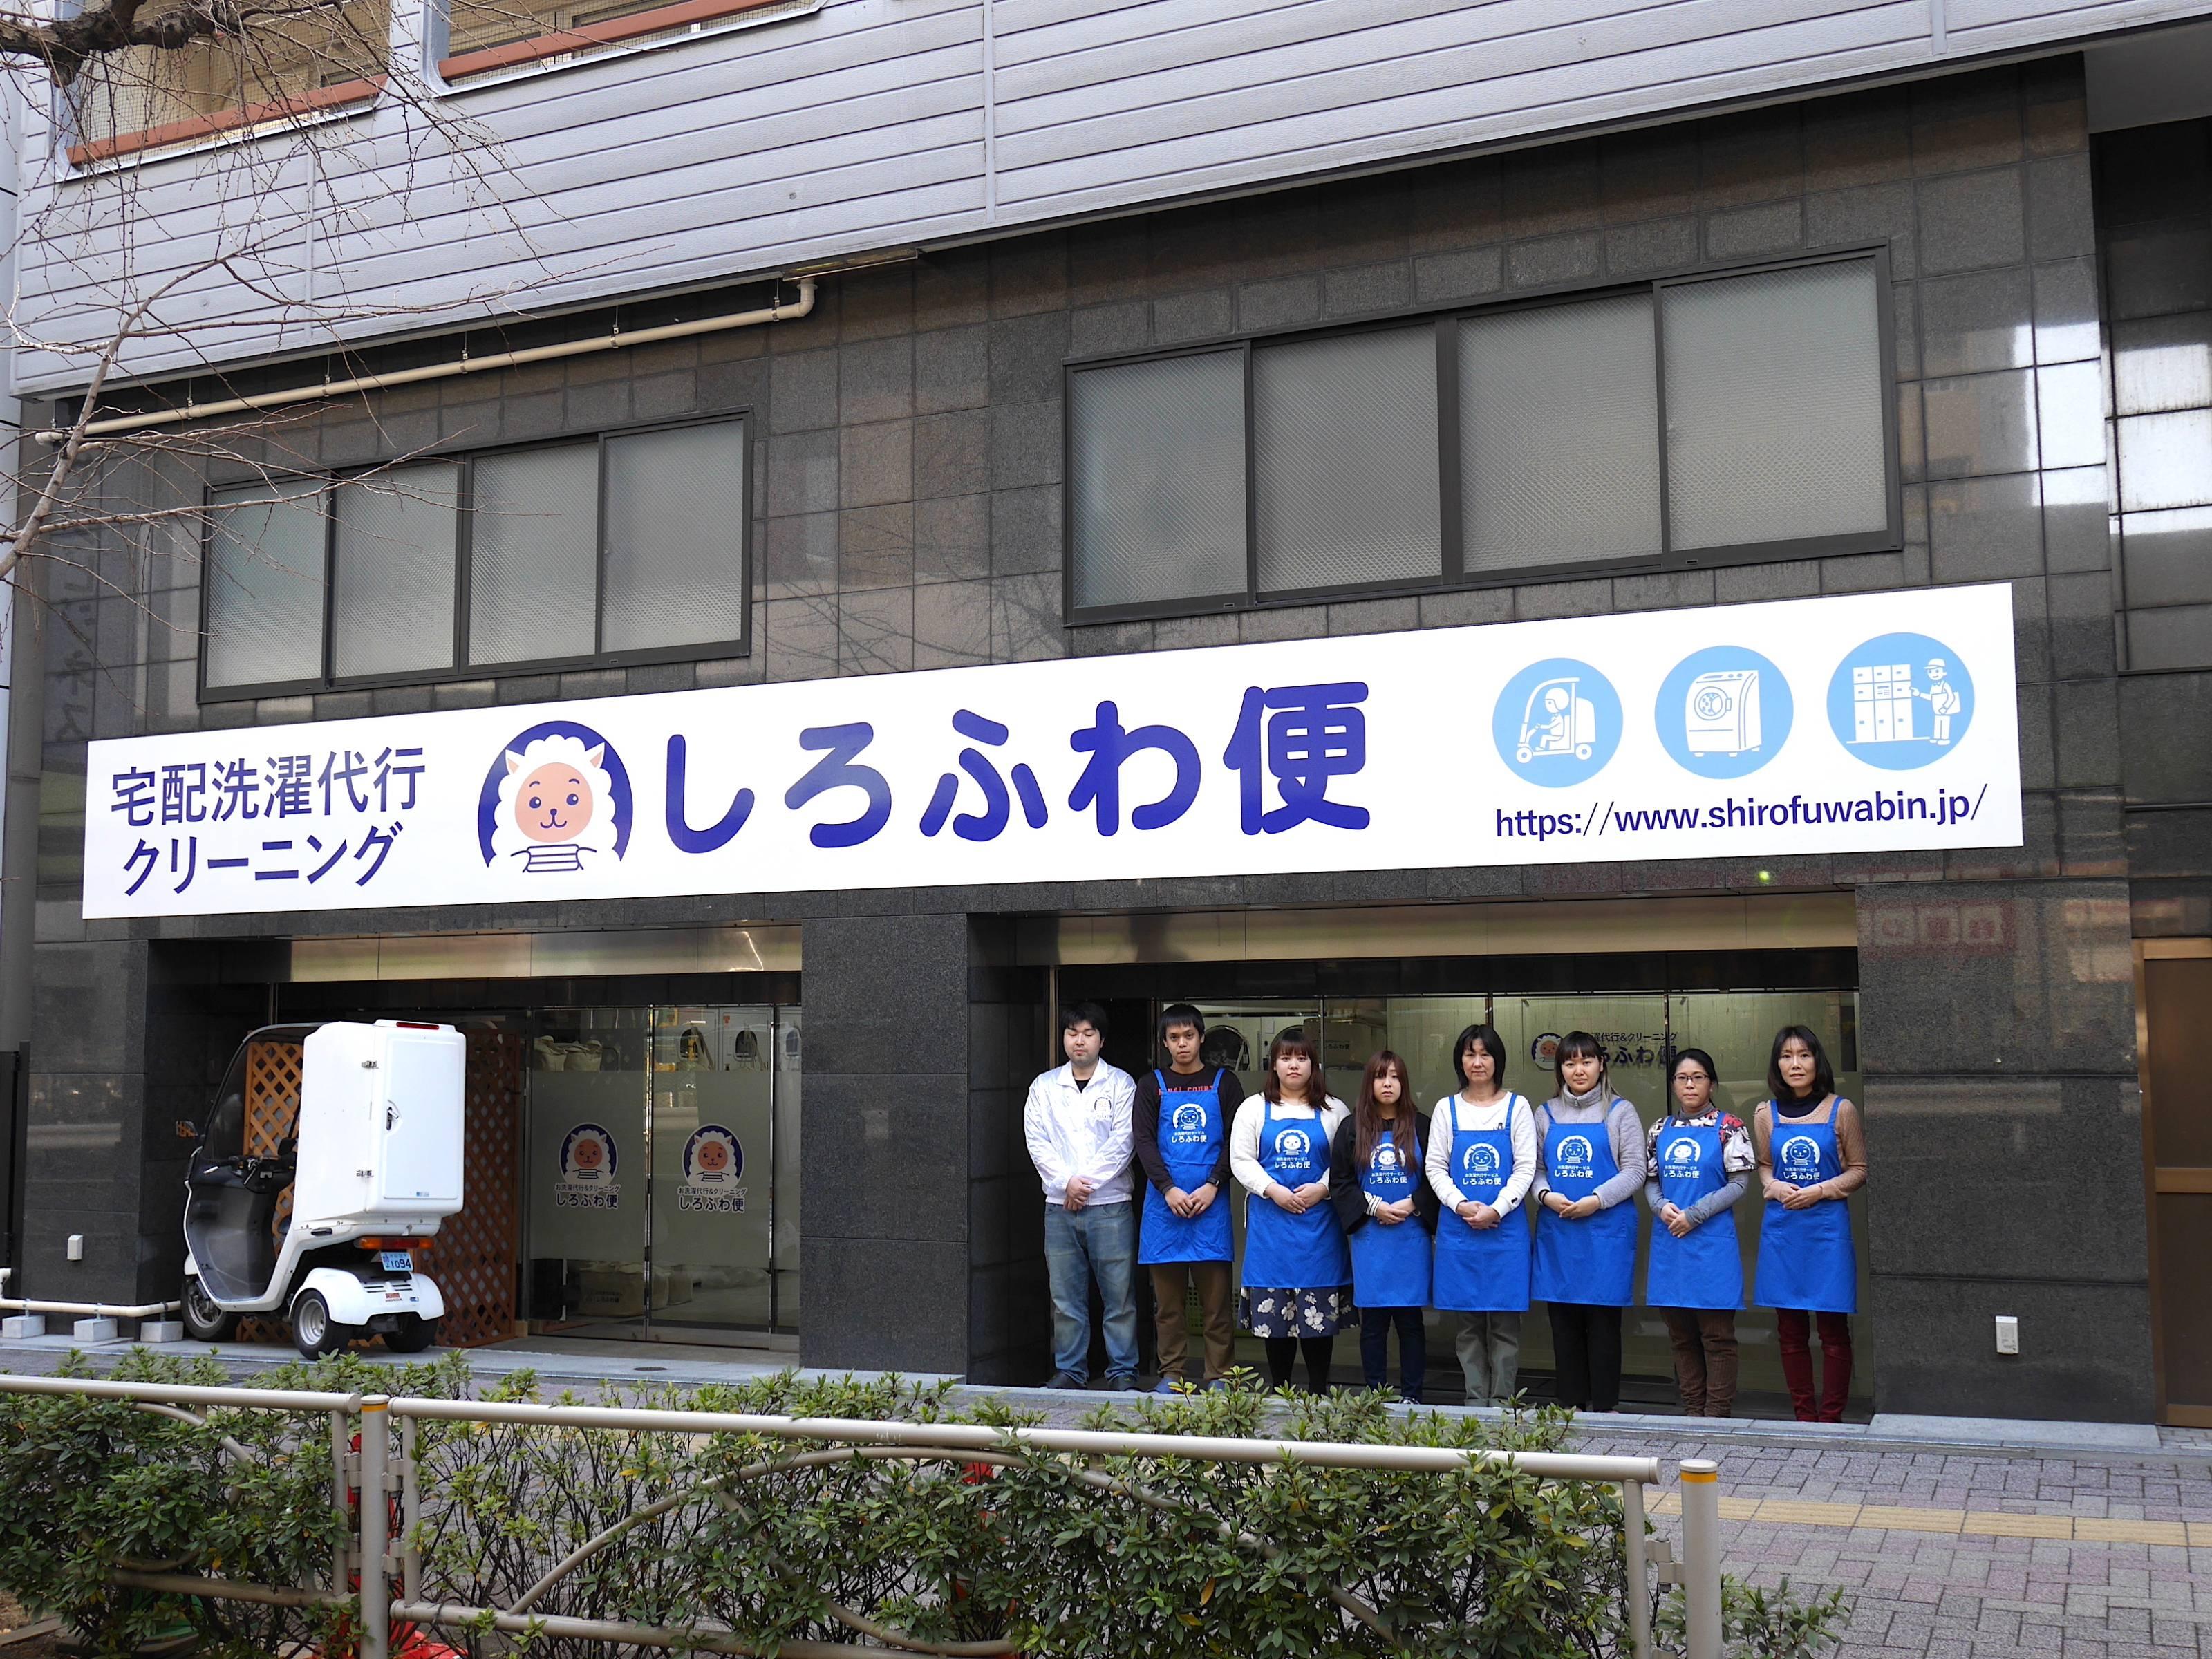 J&Jカンパニー株式会社